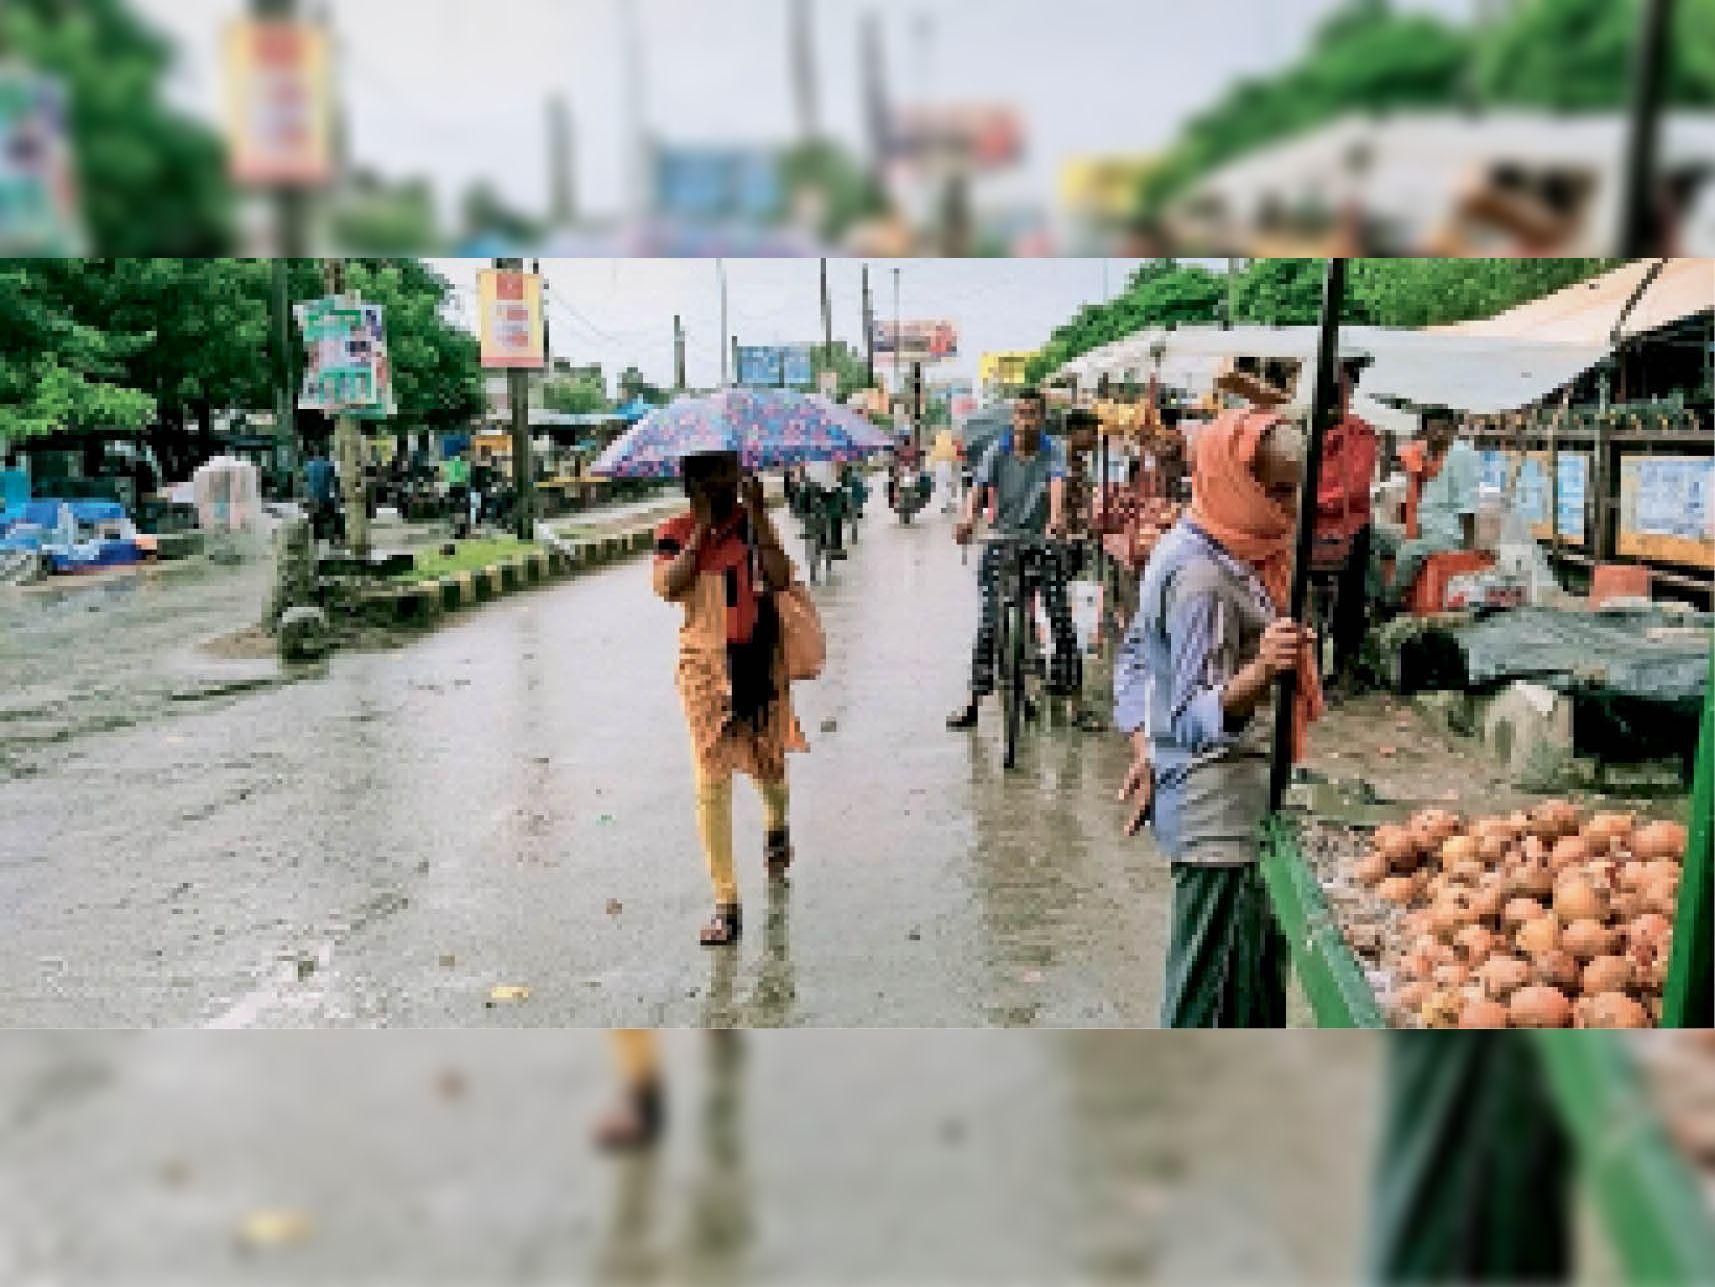 बारिश से बचने के लिए छाता लगाकर जाती युवती। - Dainik Bhaskar